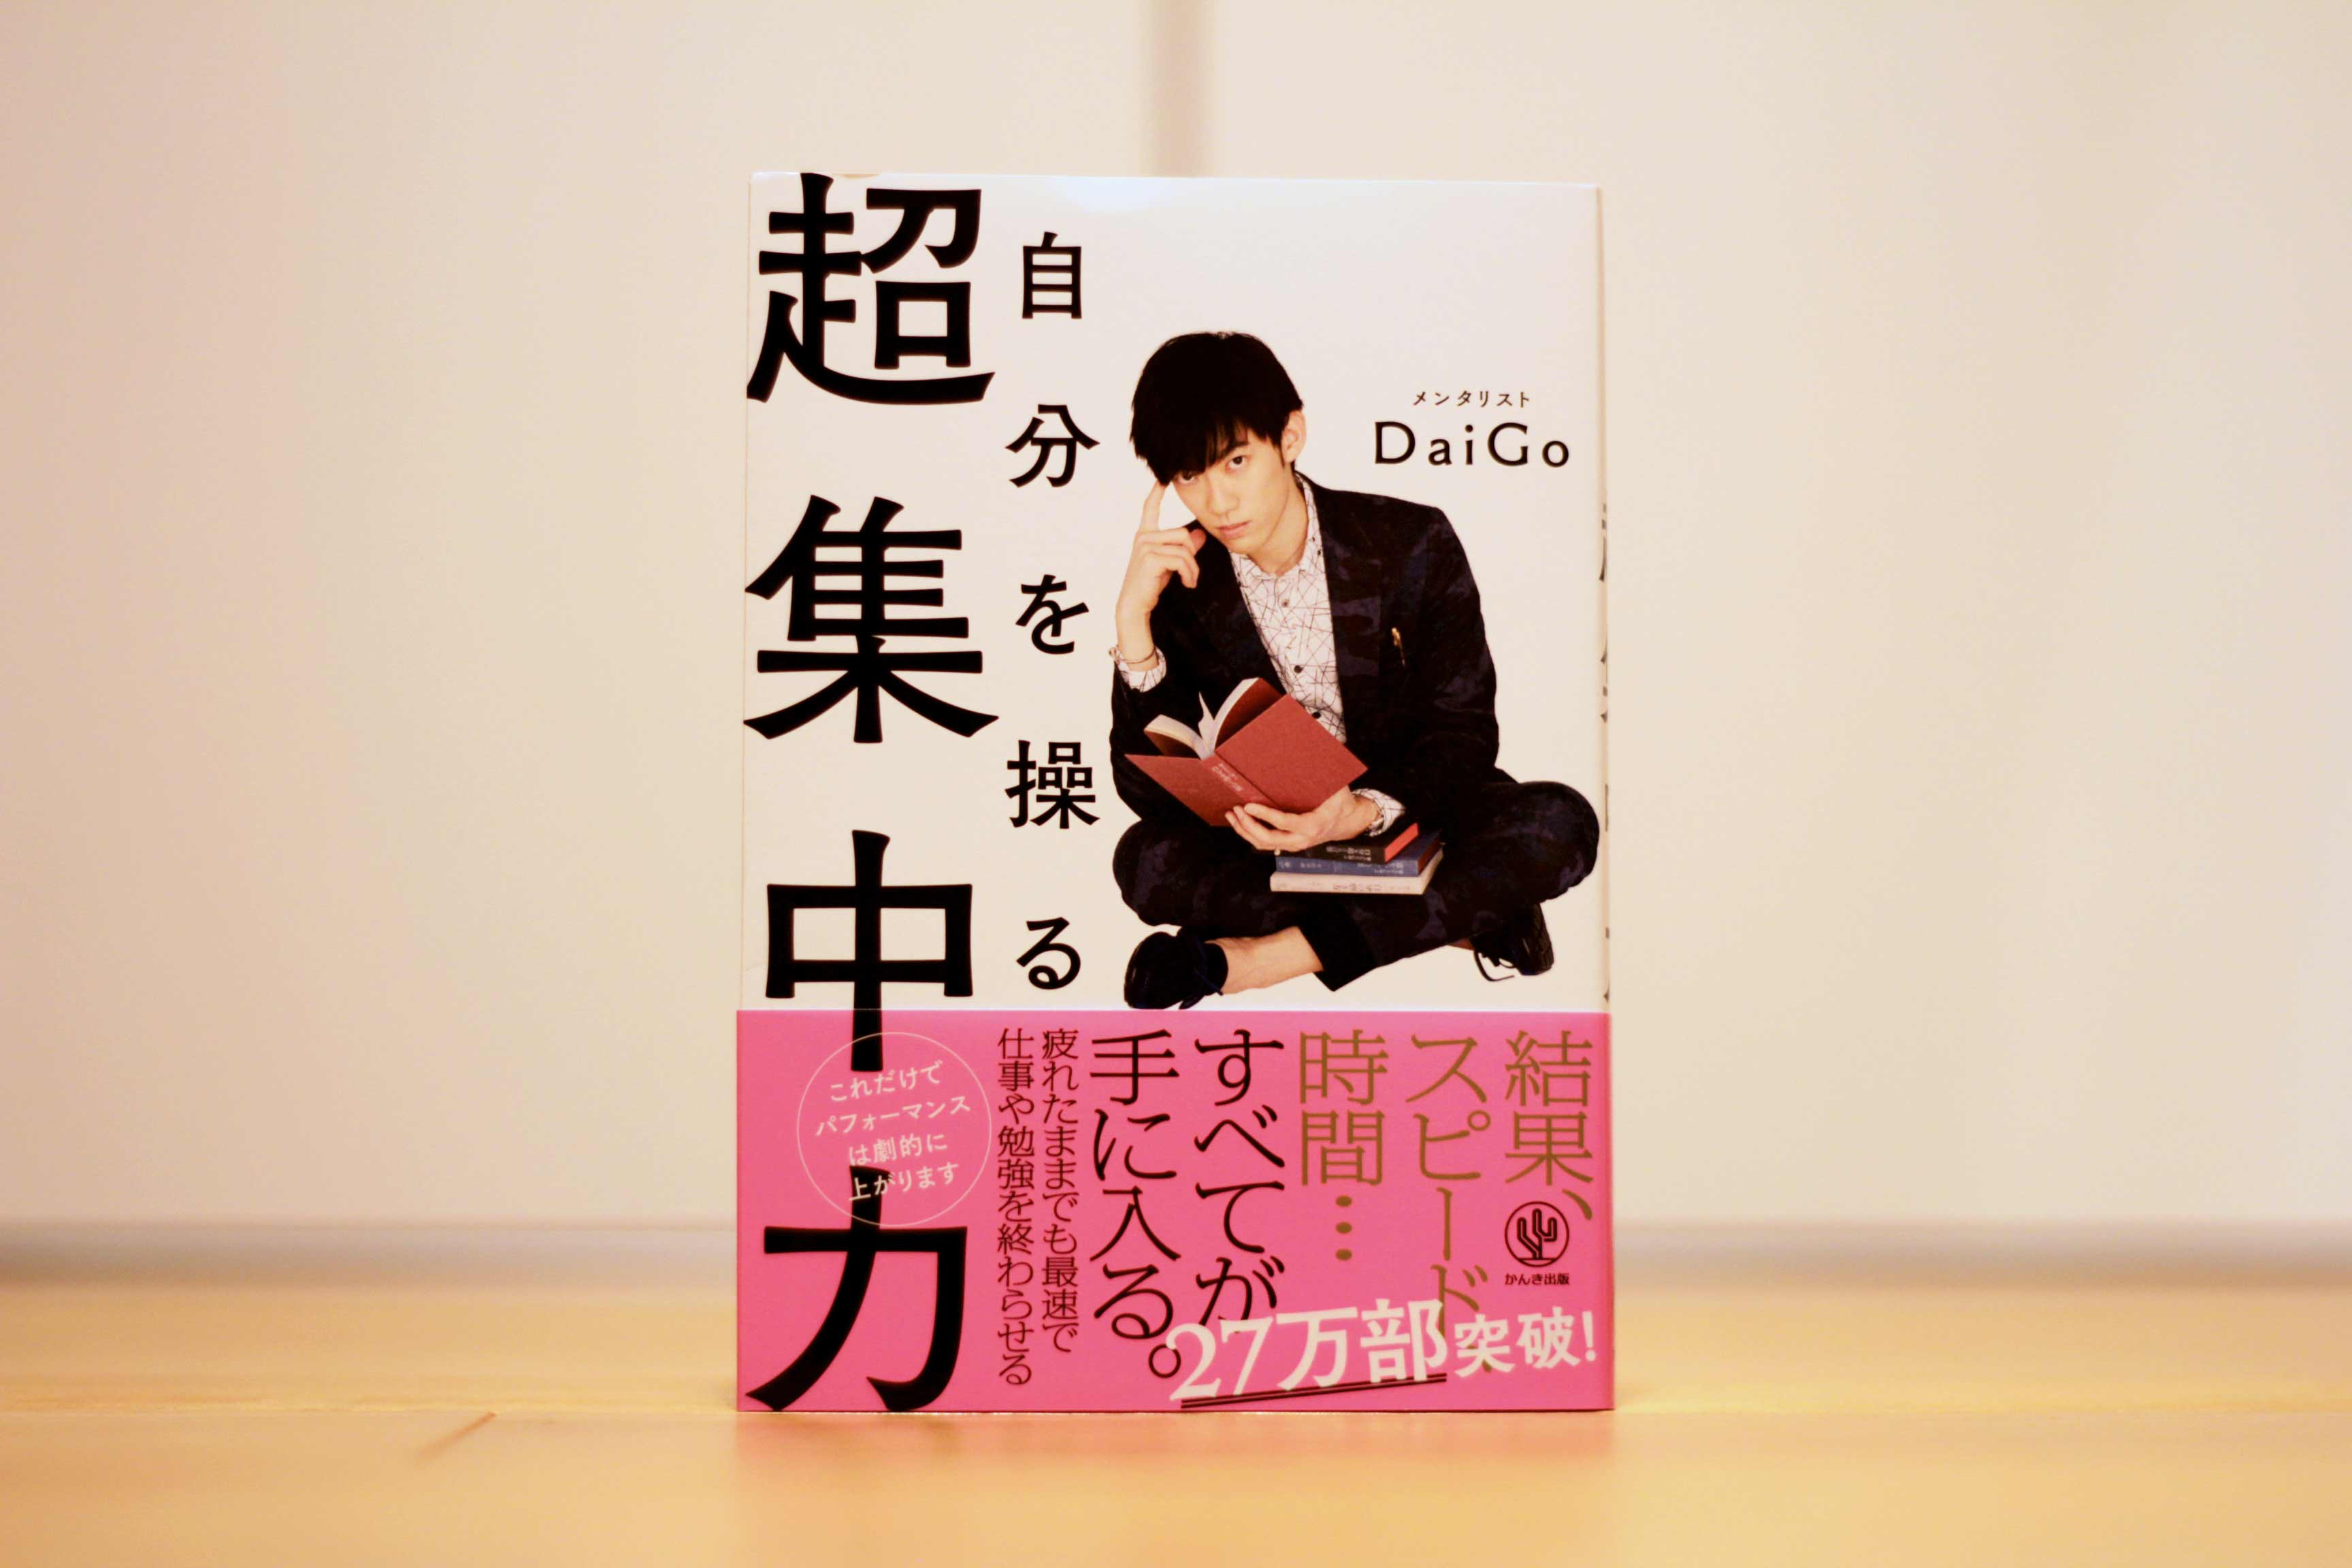 DAIGO「超集中力」の本の写真